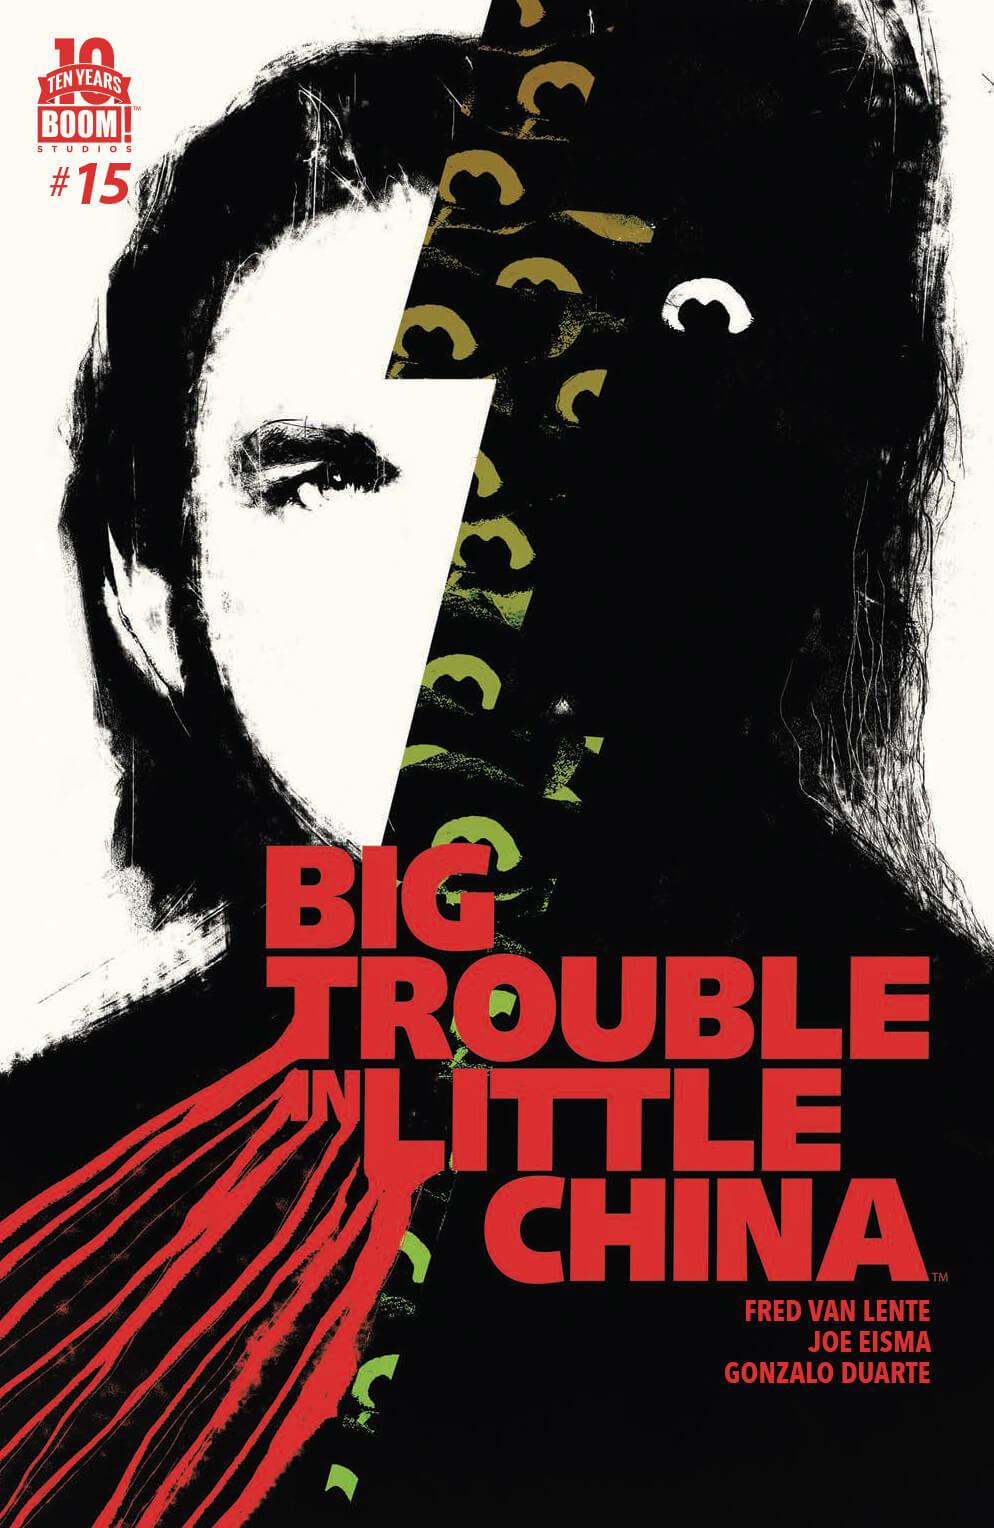 BigTroubleLittleChina_015_A_Main